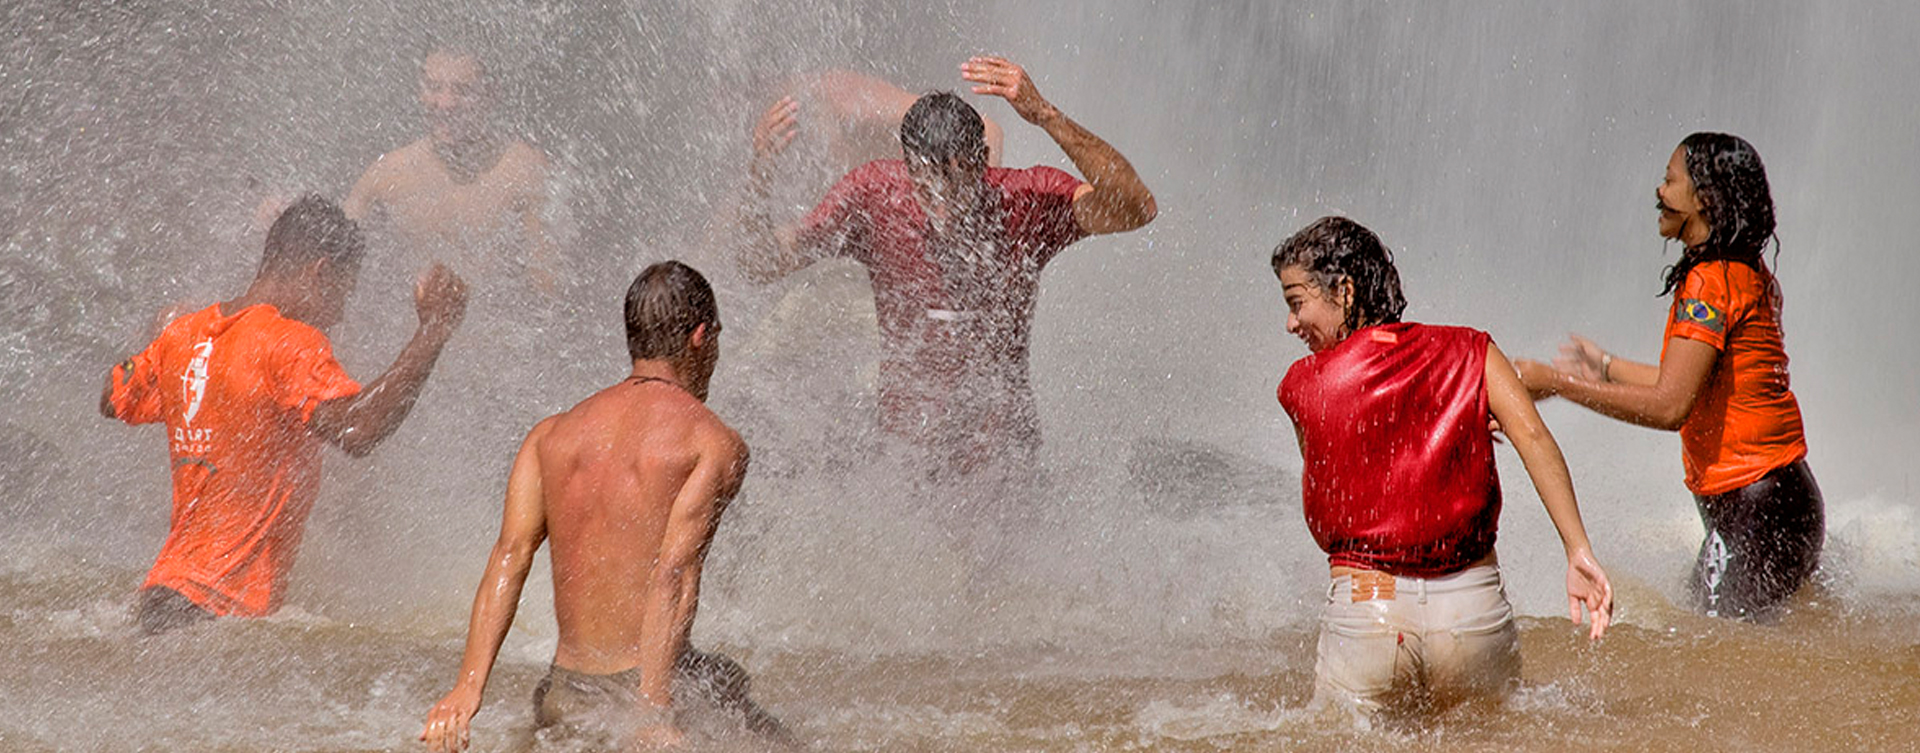 7-de-setembro-em-brotas-pousada-rota-das-cachoeiras